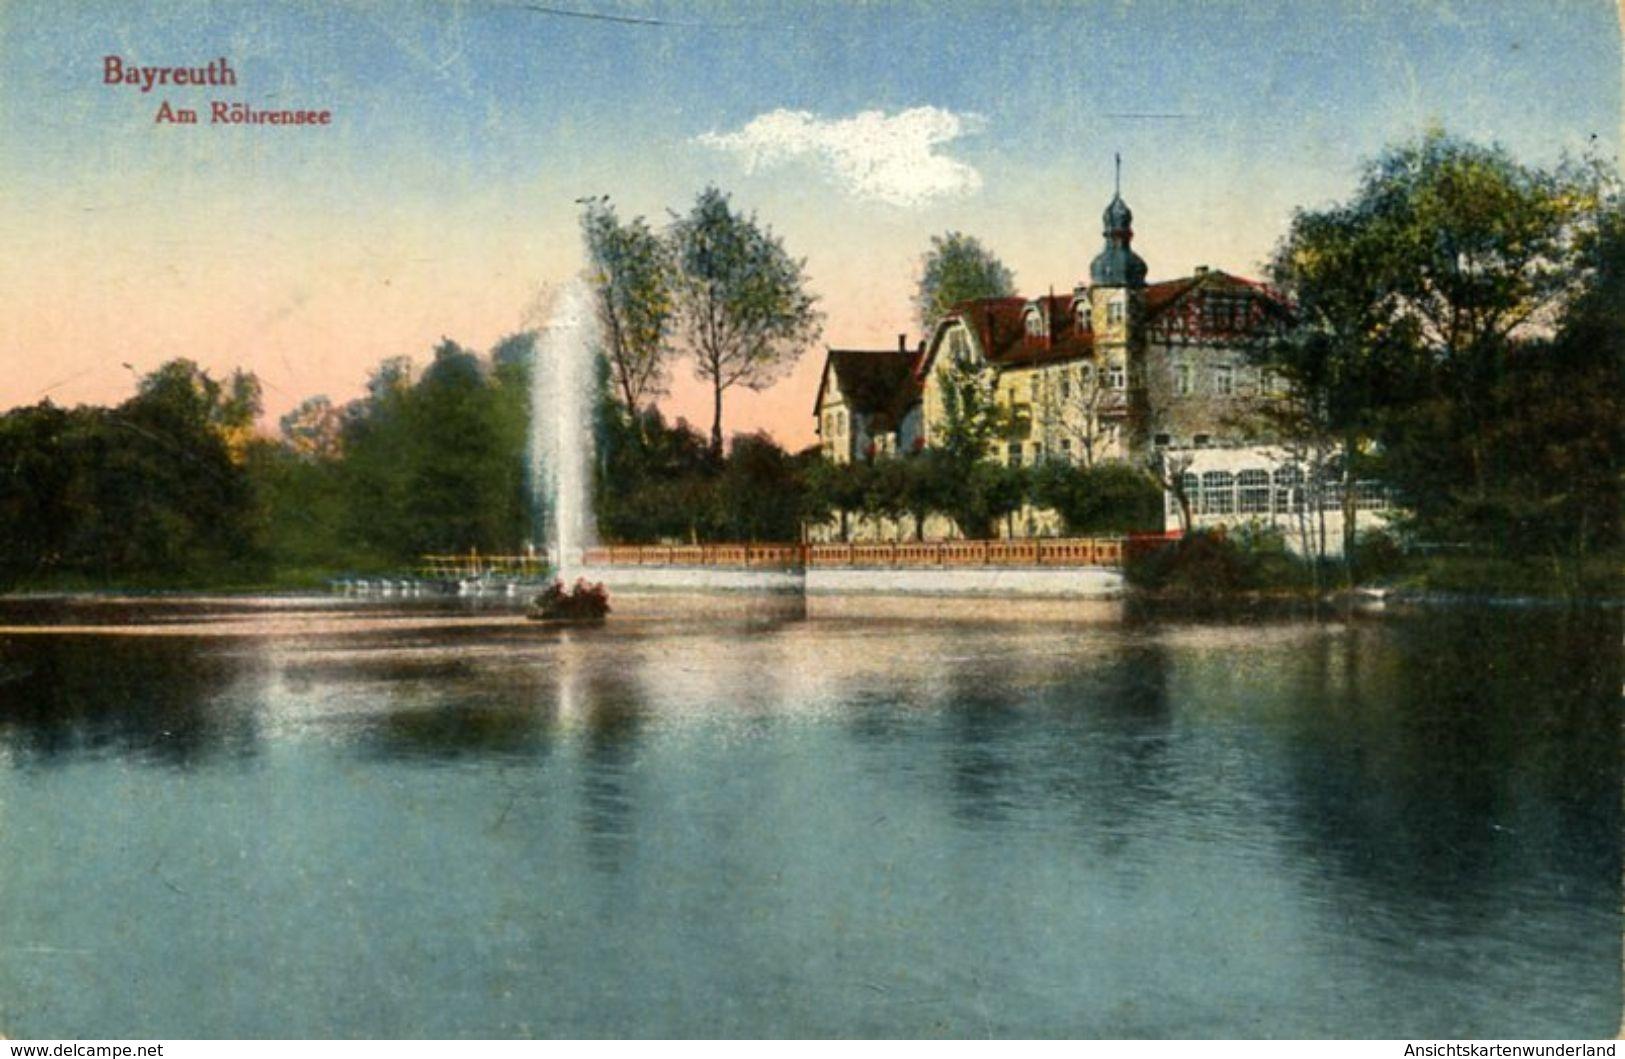 003555 Bayreuth - Am Röhrensee - Bayreuth